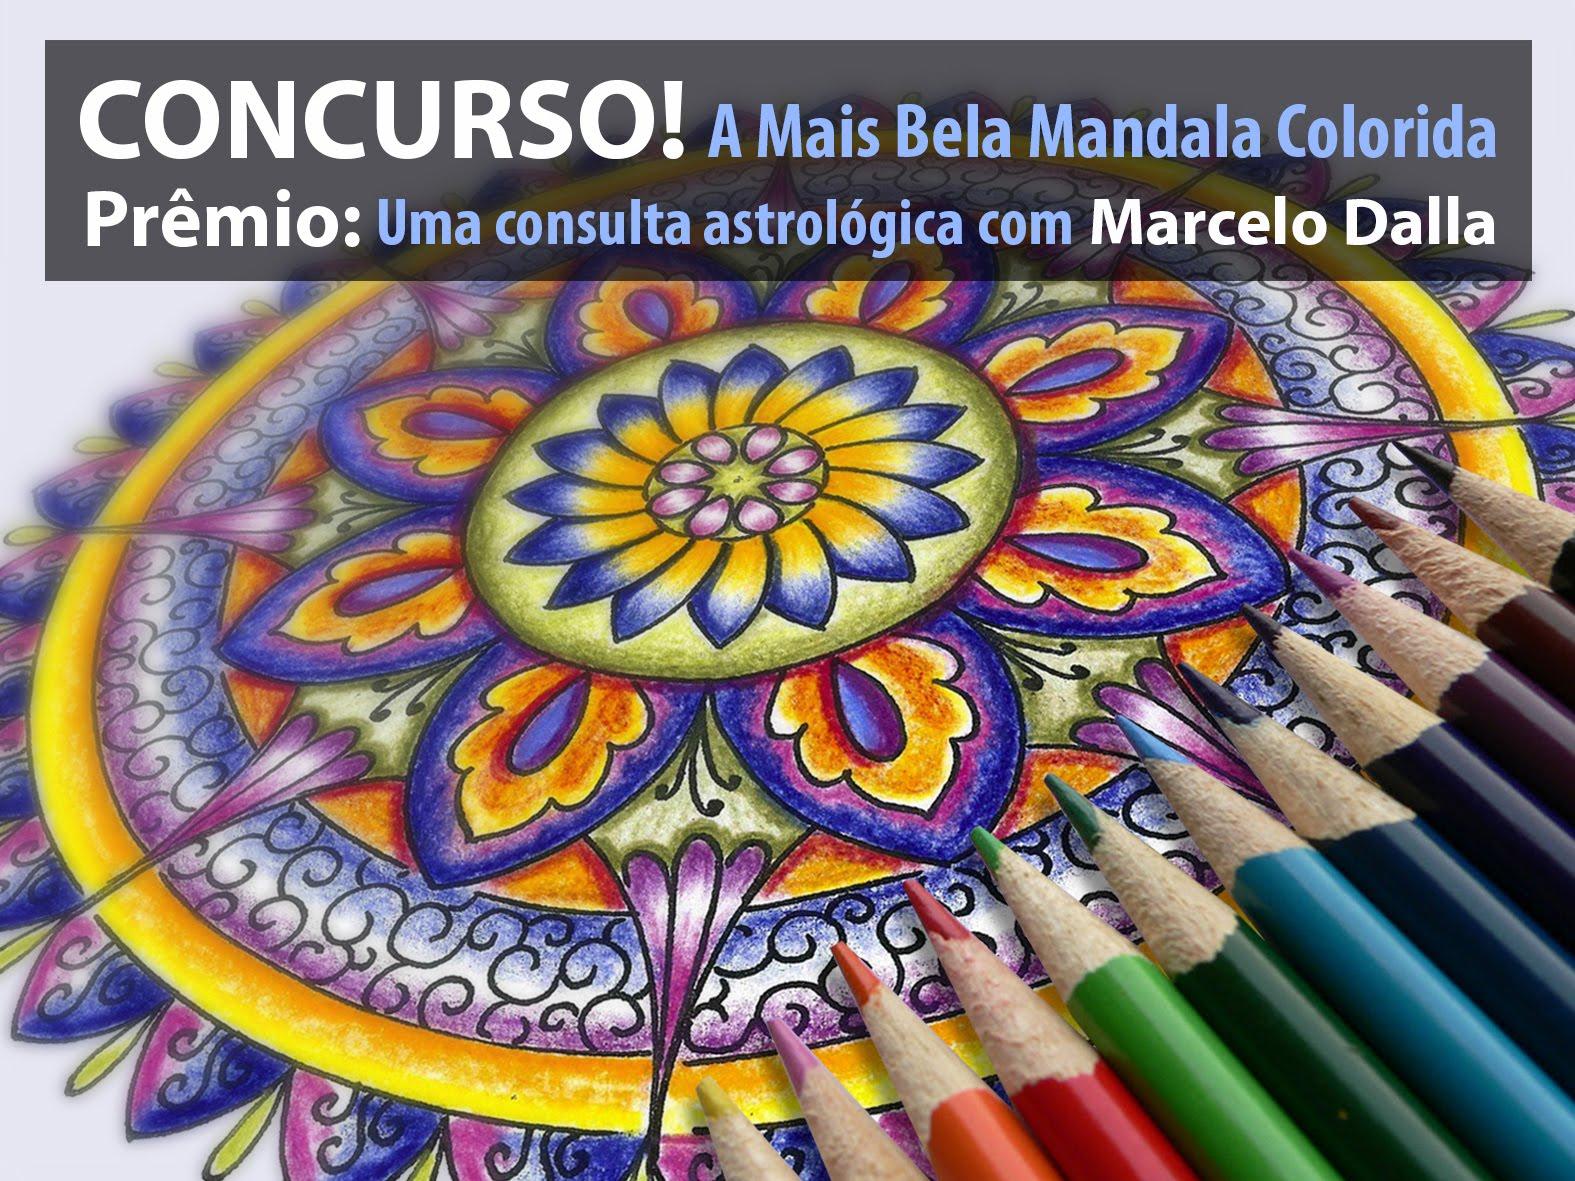 CONCURSO DE COLORIR MANDALAS